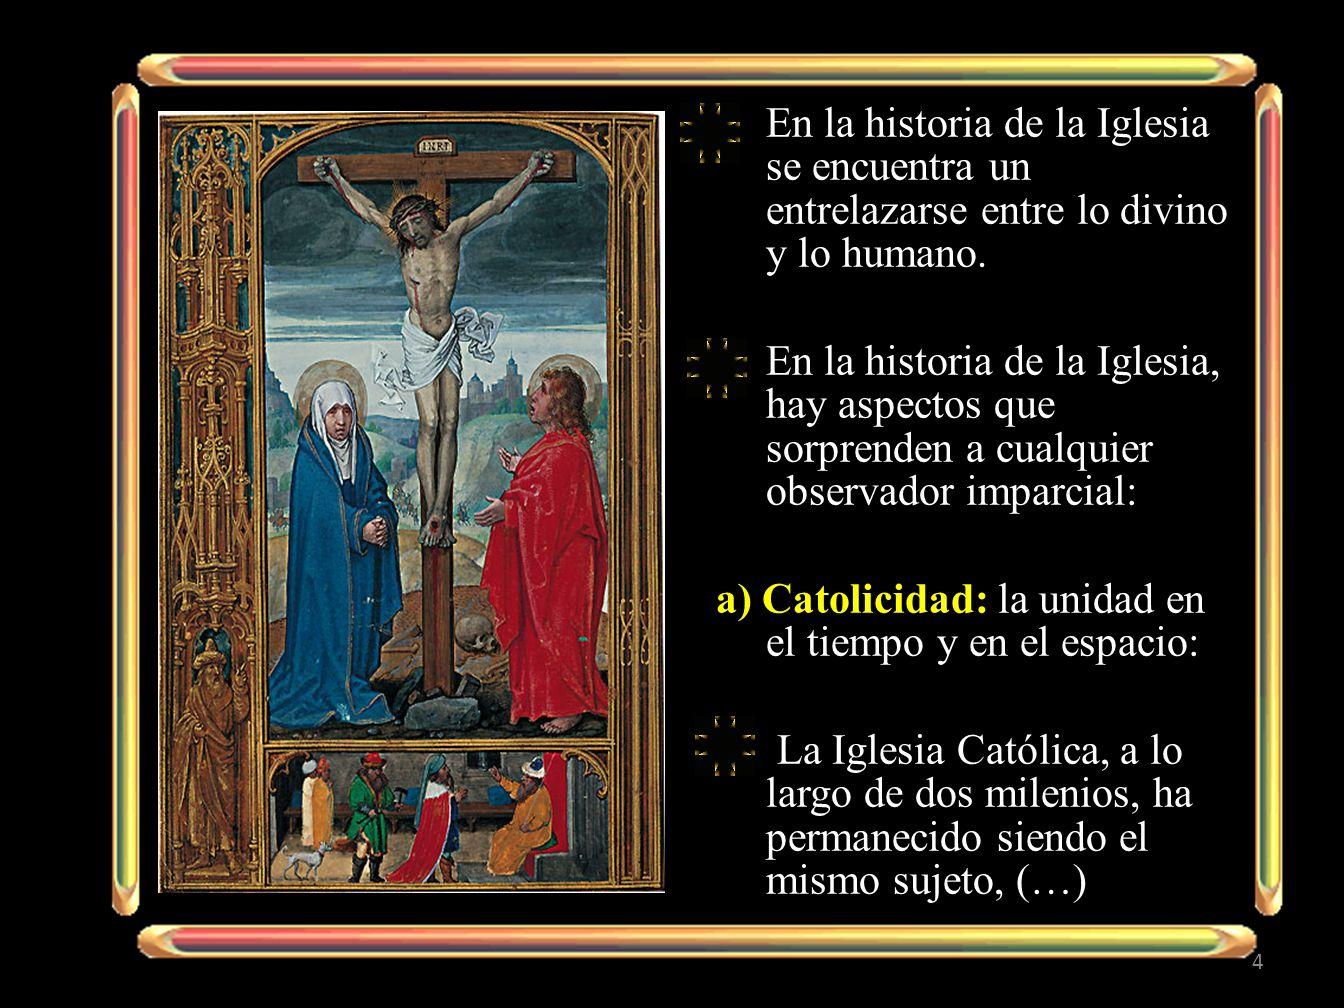 En la historia de la Iglesia se encuentra un entrelazarse entre lo divino y lo humano.